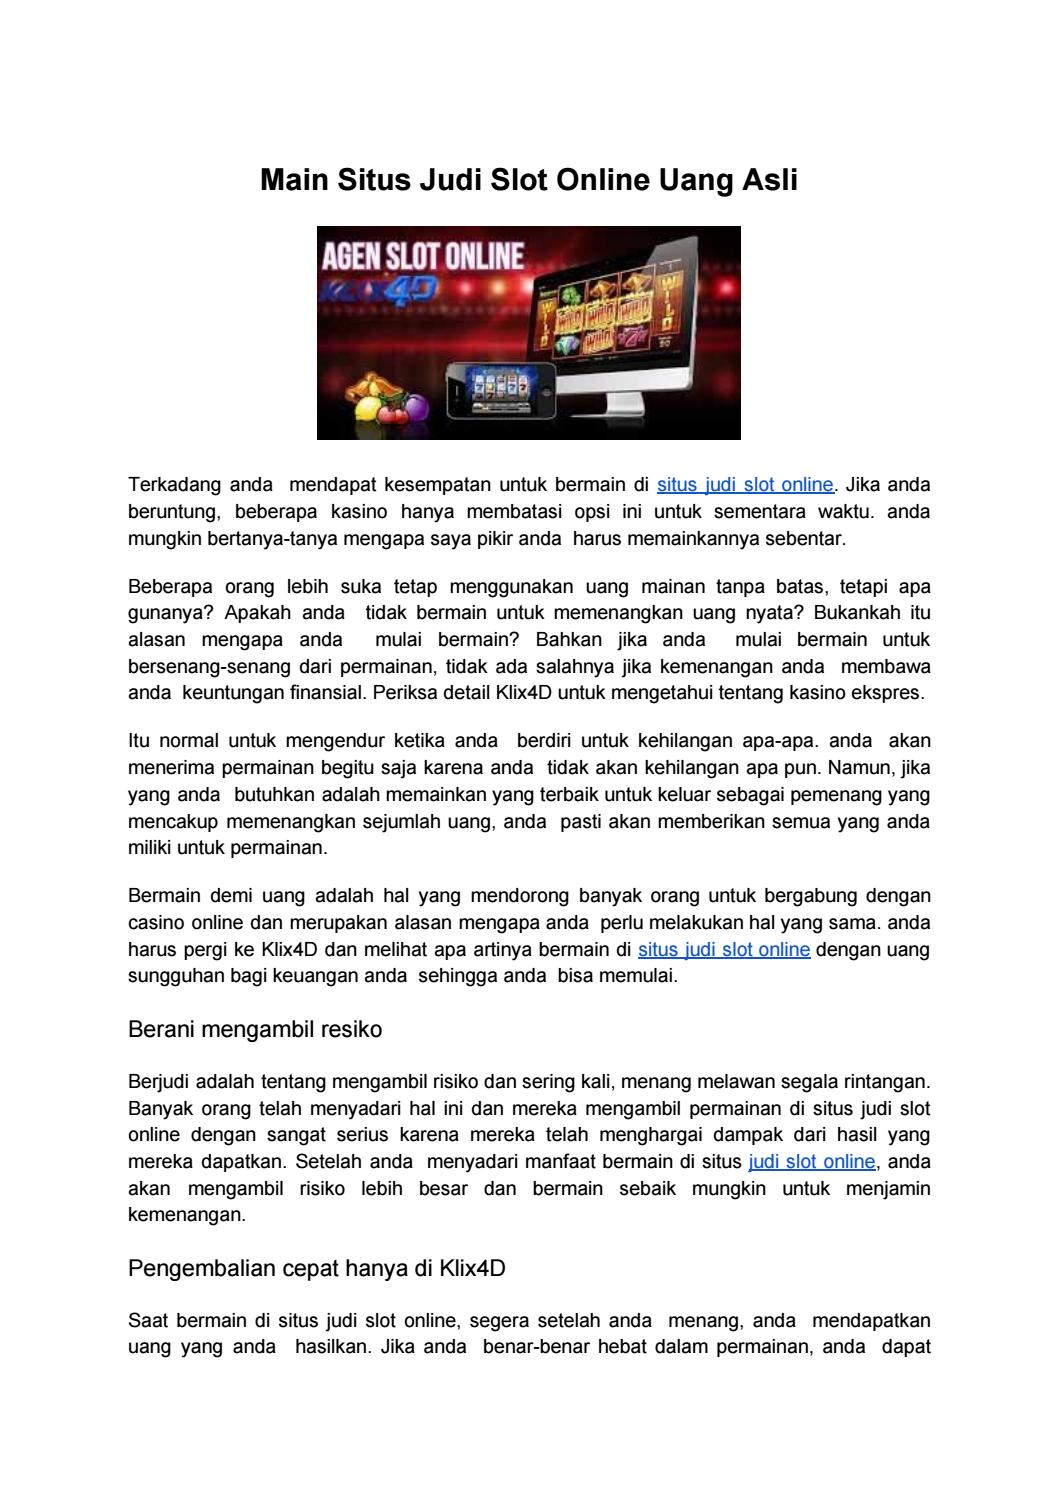 Main Situs Judi Slot Online Uang Asli By Result Togel Online Terpercaya Issuu